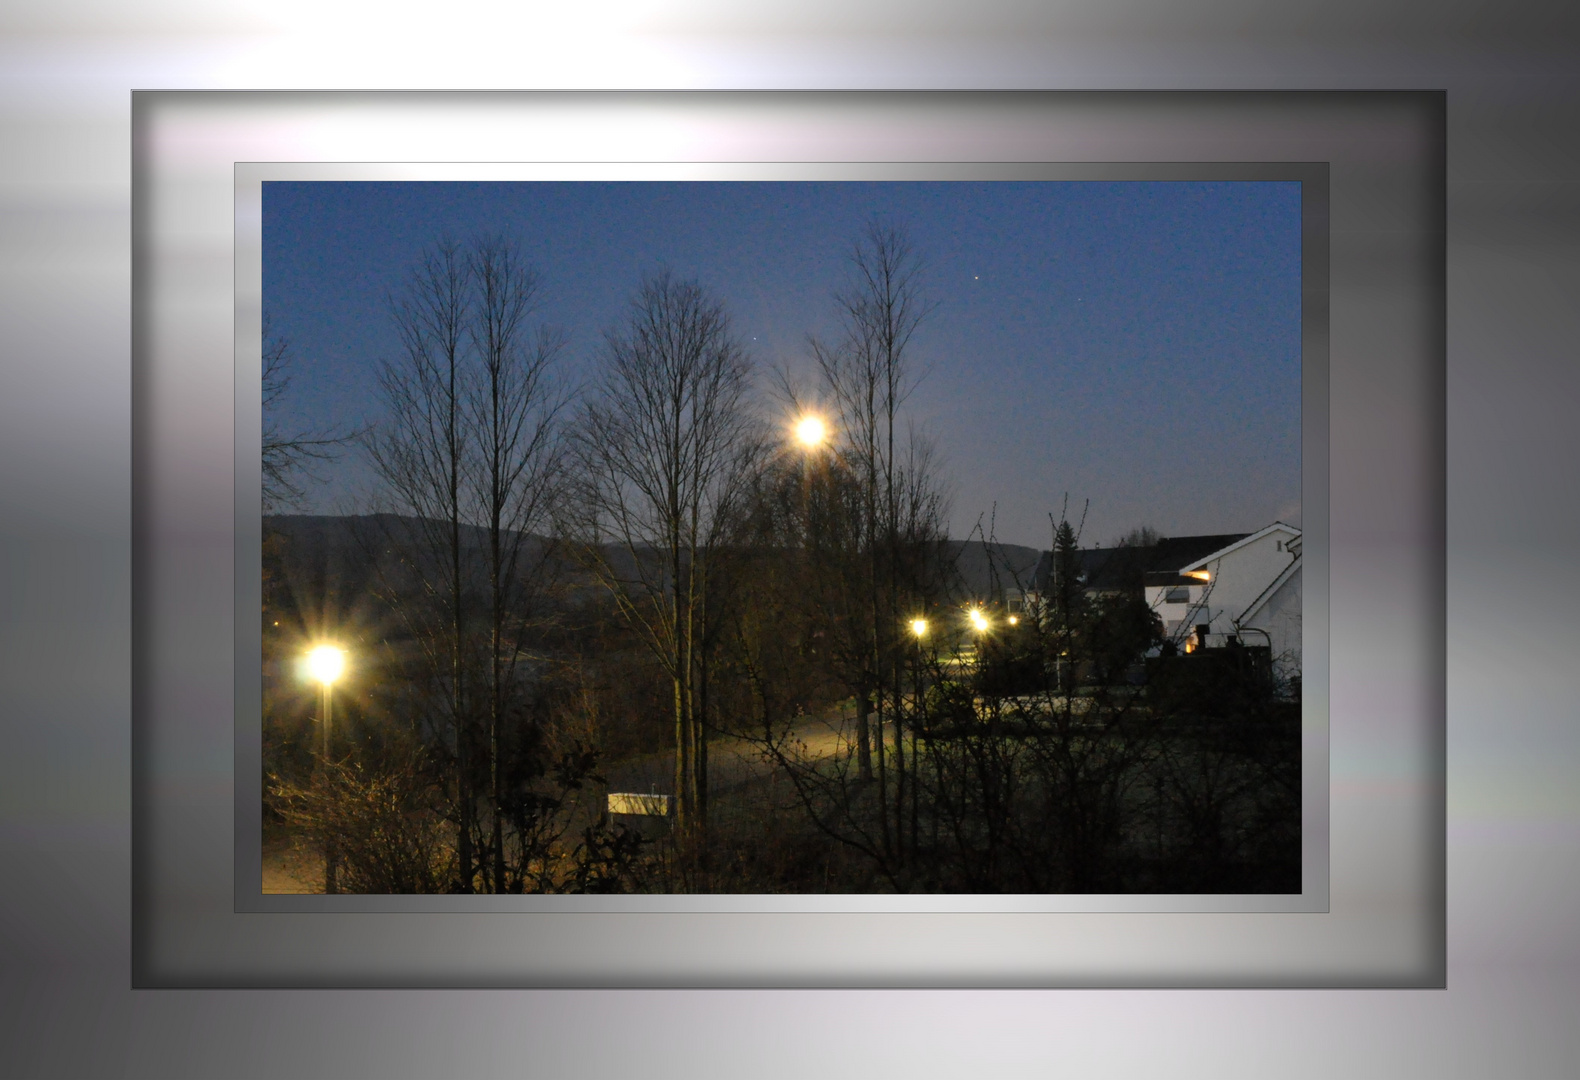 Frühlingsanfang am 21.März 2011 04:45 bei uns am Schliefweg.